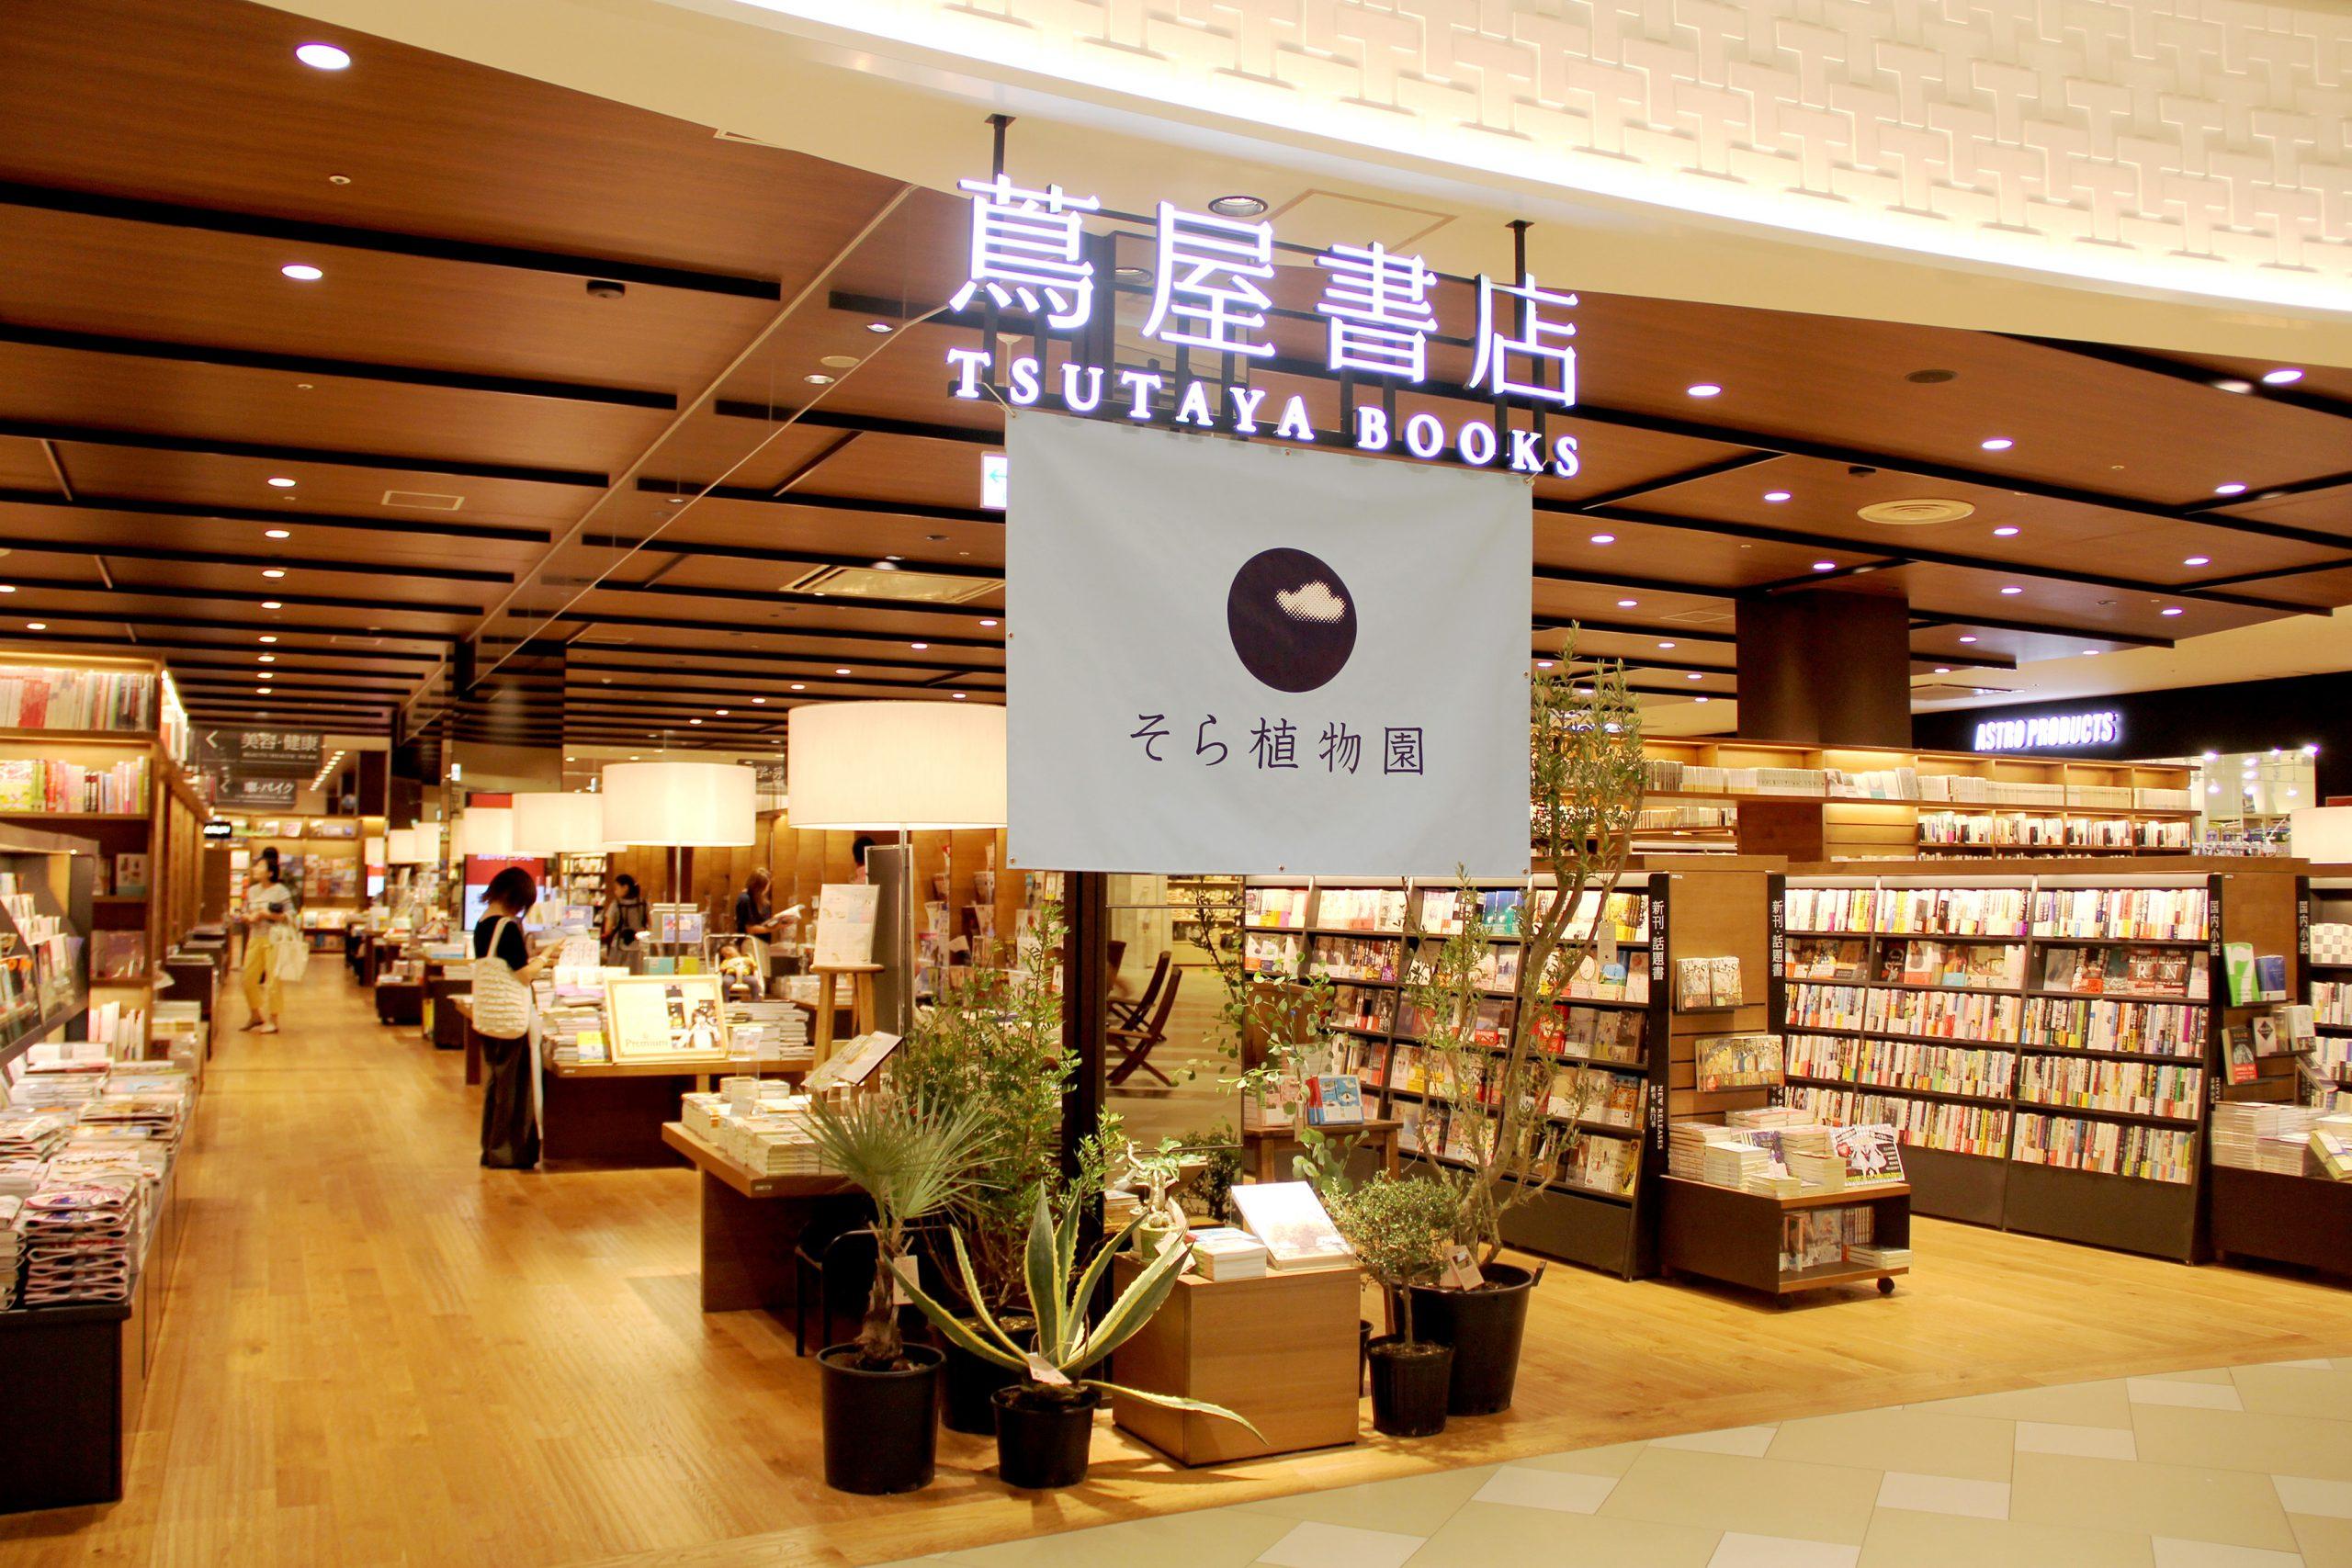 互联网时代新华书店如何华丽转身?